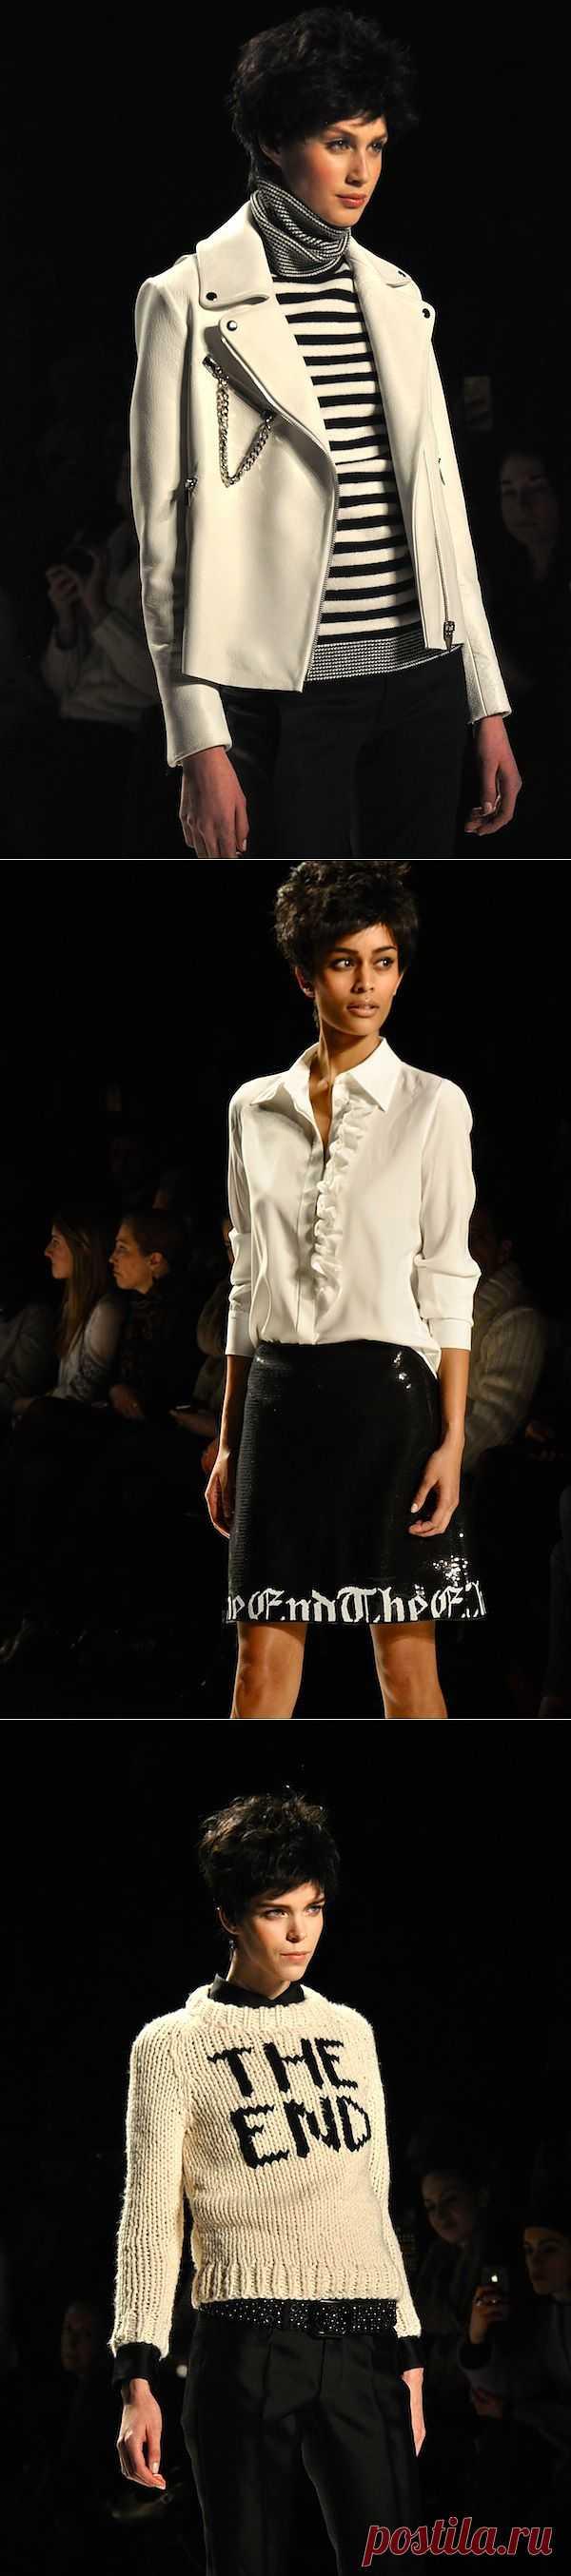 Интересные детали с показа Joe Fresh Fall 2013 / Дизайнеры / Модный сайт о стильной переделке одежды и интерьера